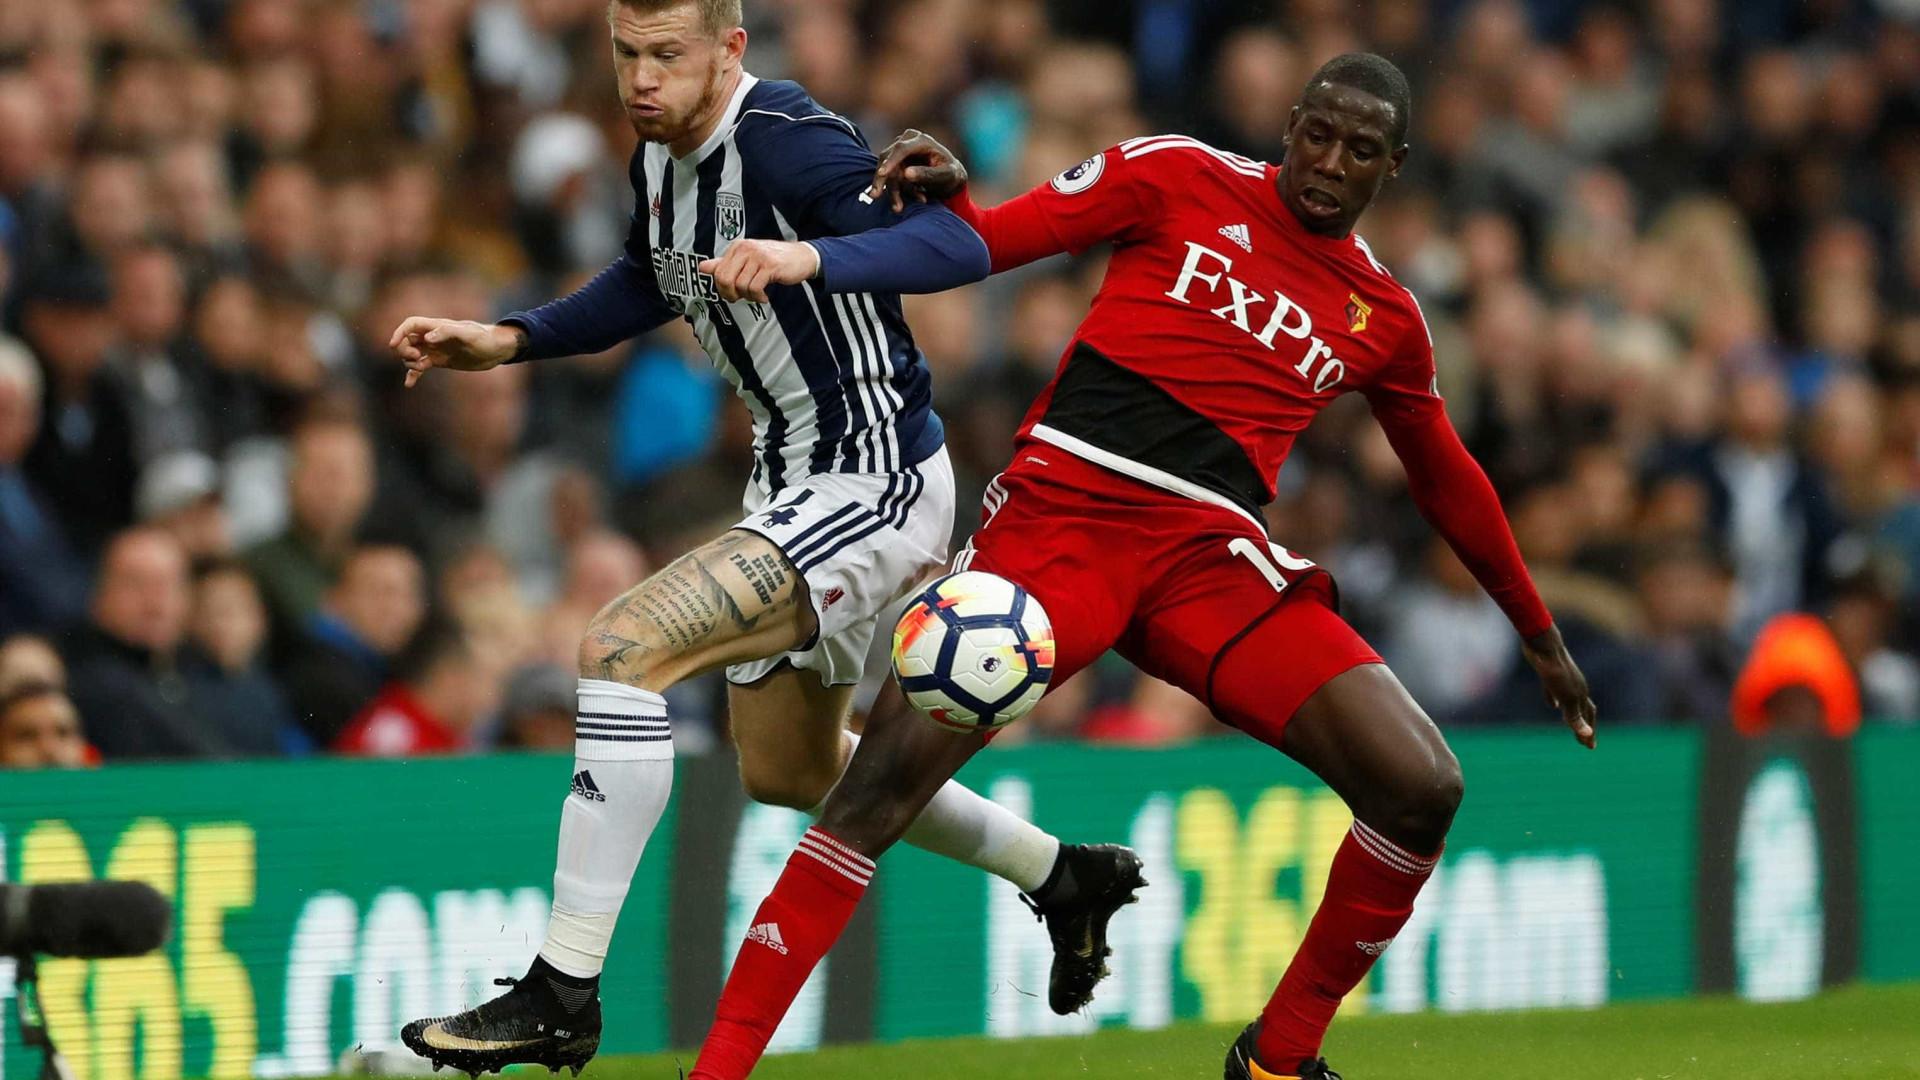 Watford de Marco Silva empata com West Bromwich nos últimos minutos